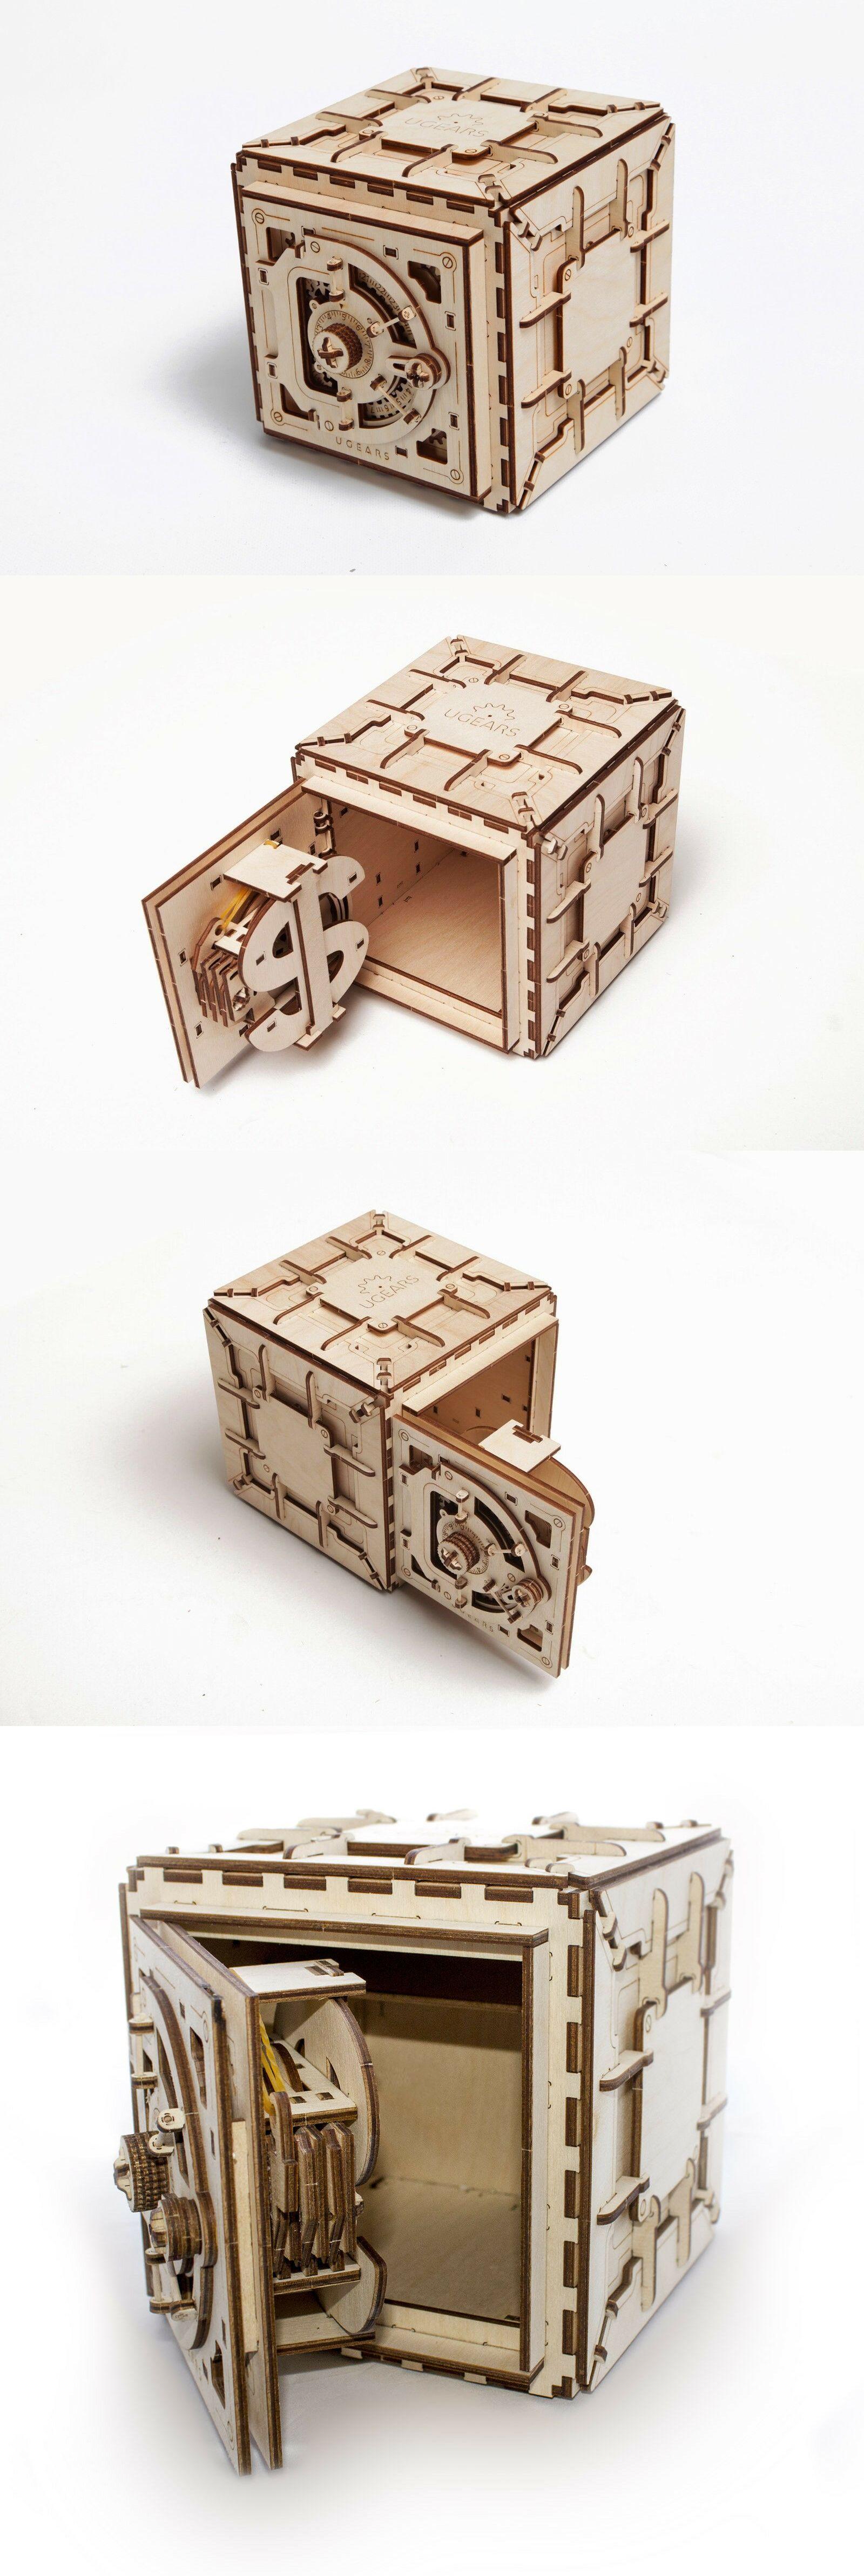 Wooden 2595 Ugears Safe 3d Wooden Mechanical Model 179 Pieces